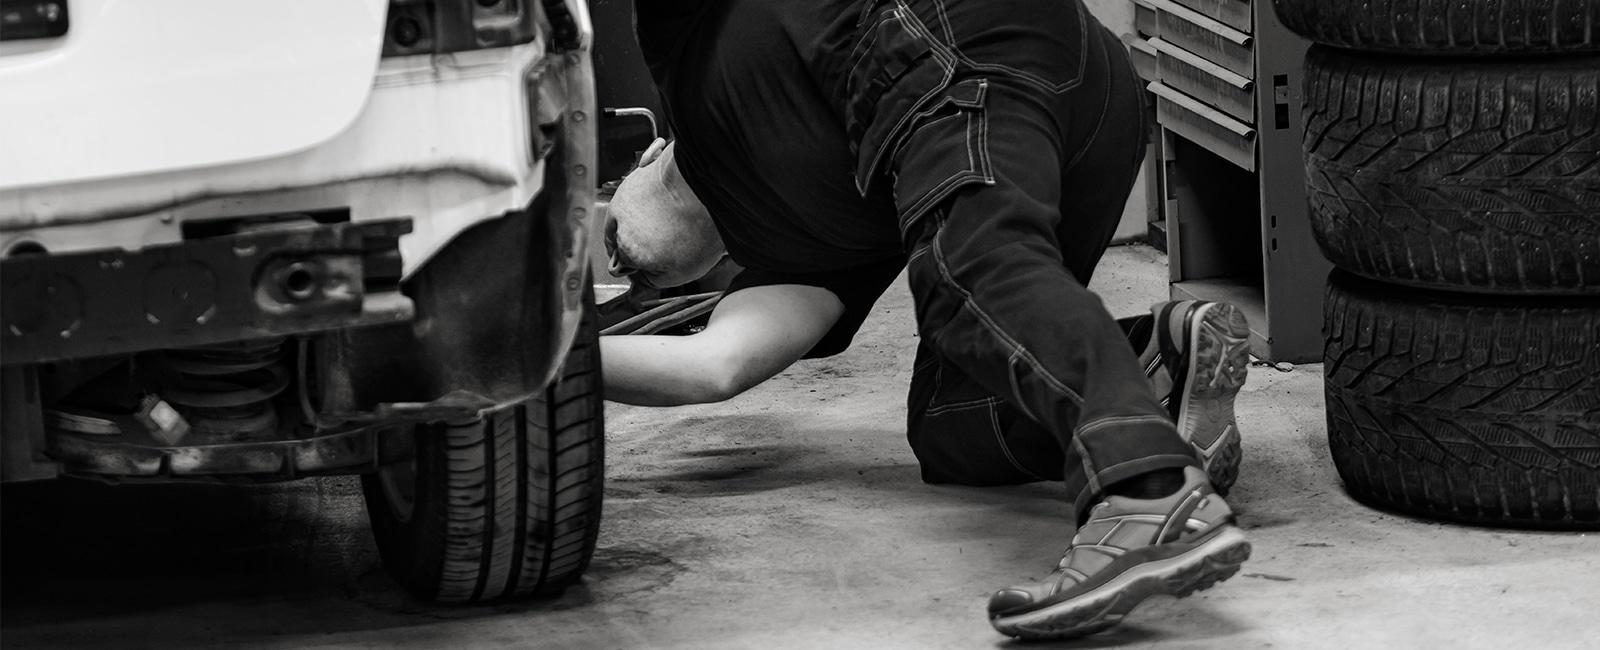 Mekaniker sjekker under bil